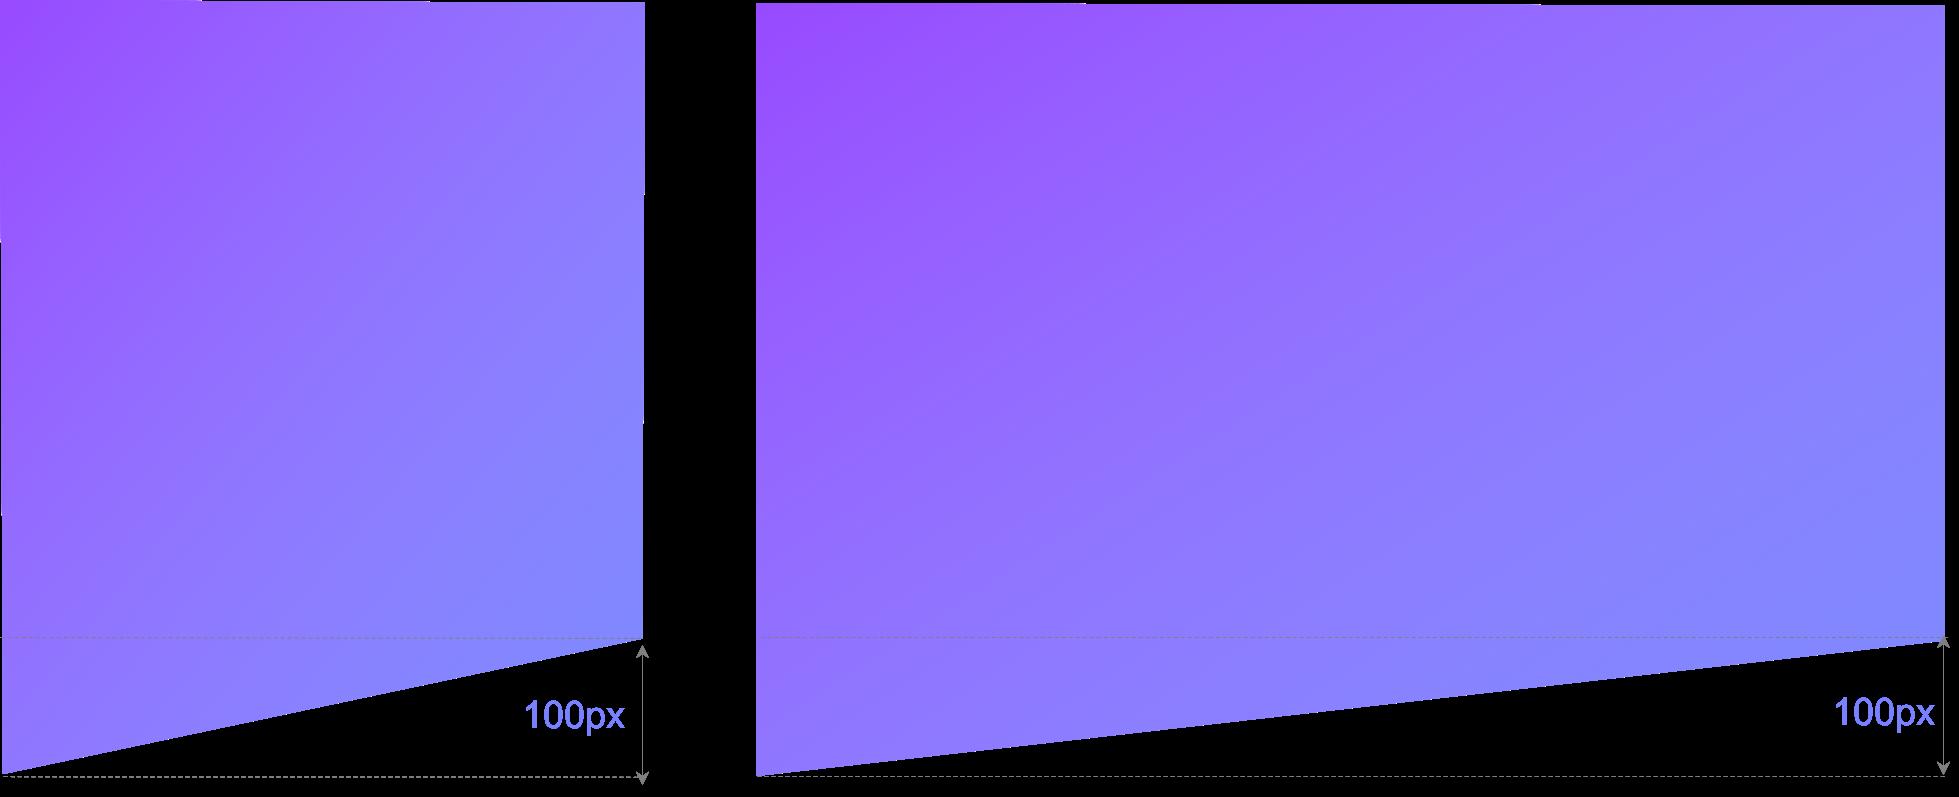 pixel.png